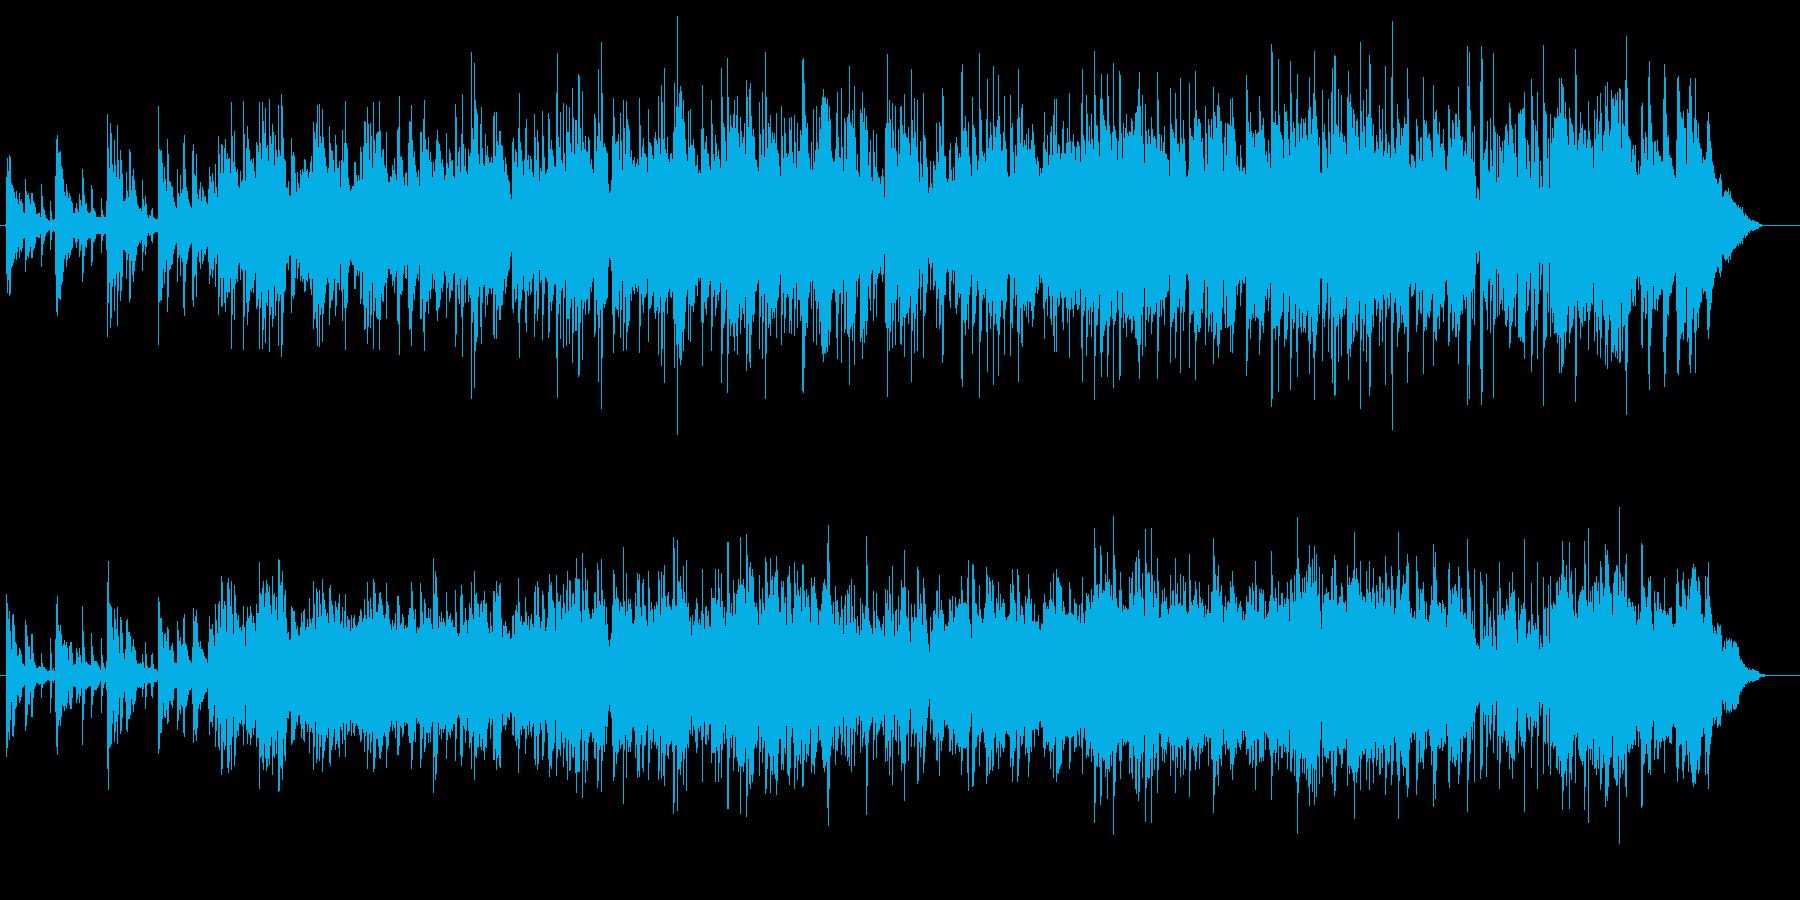 ピアノとソロVn,Vcによる切ない夏曲の再生済みの波形